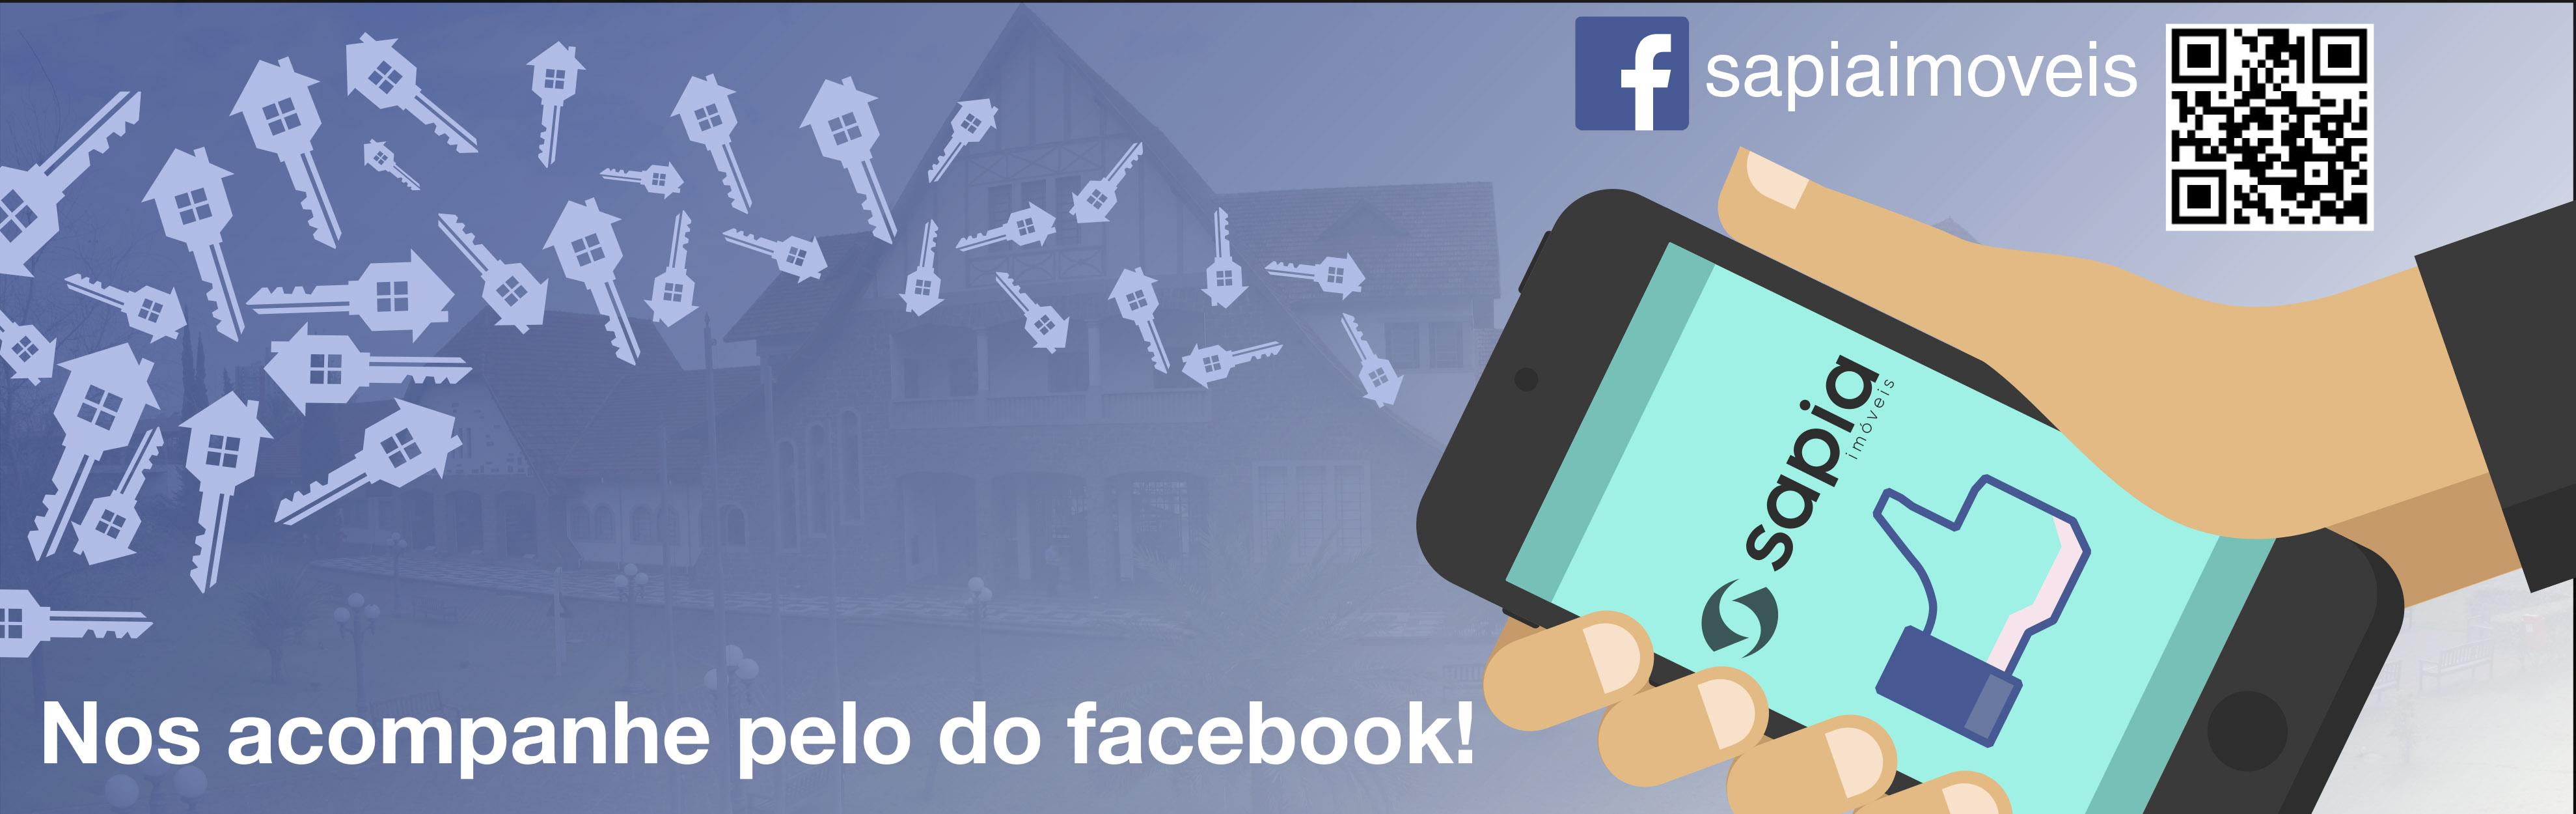 Nos acompanhe pelo facebook!